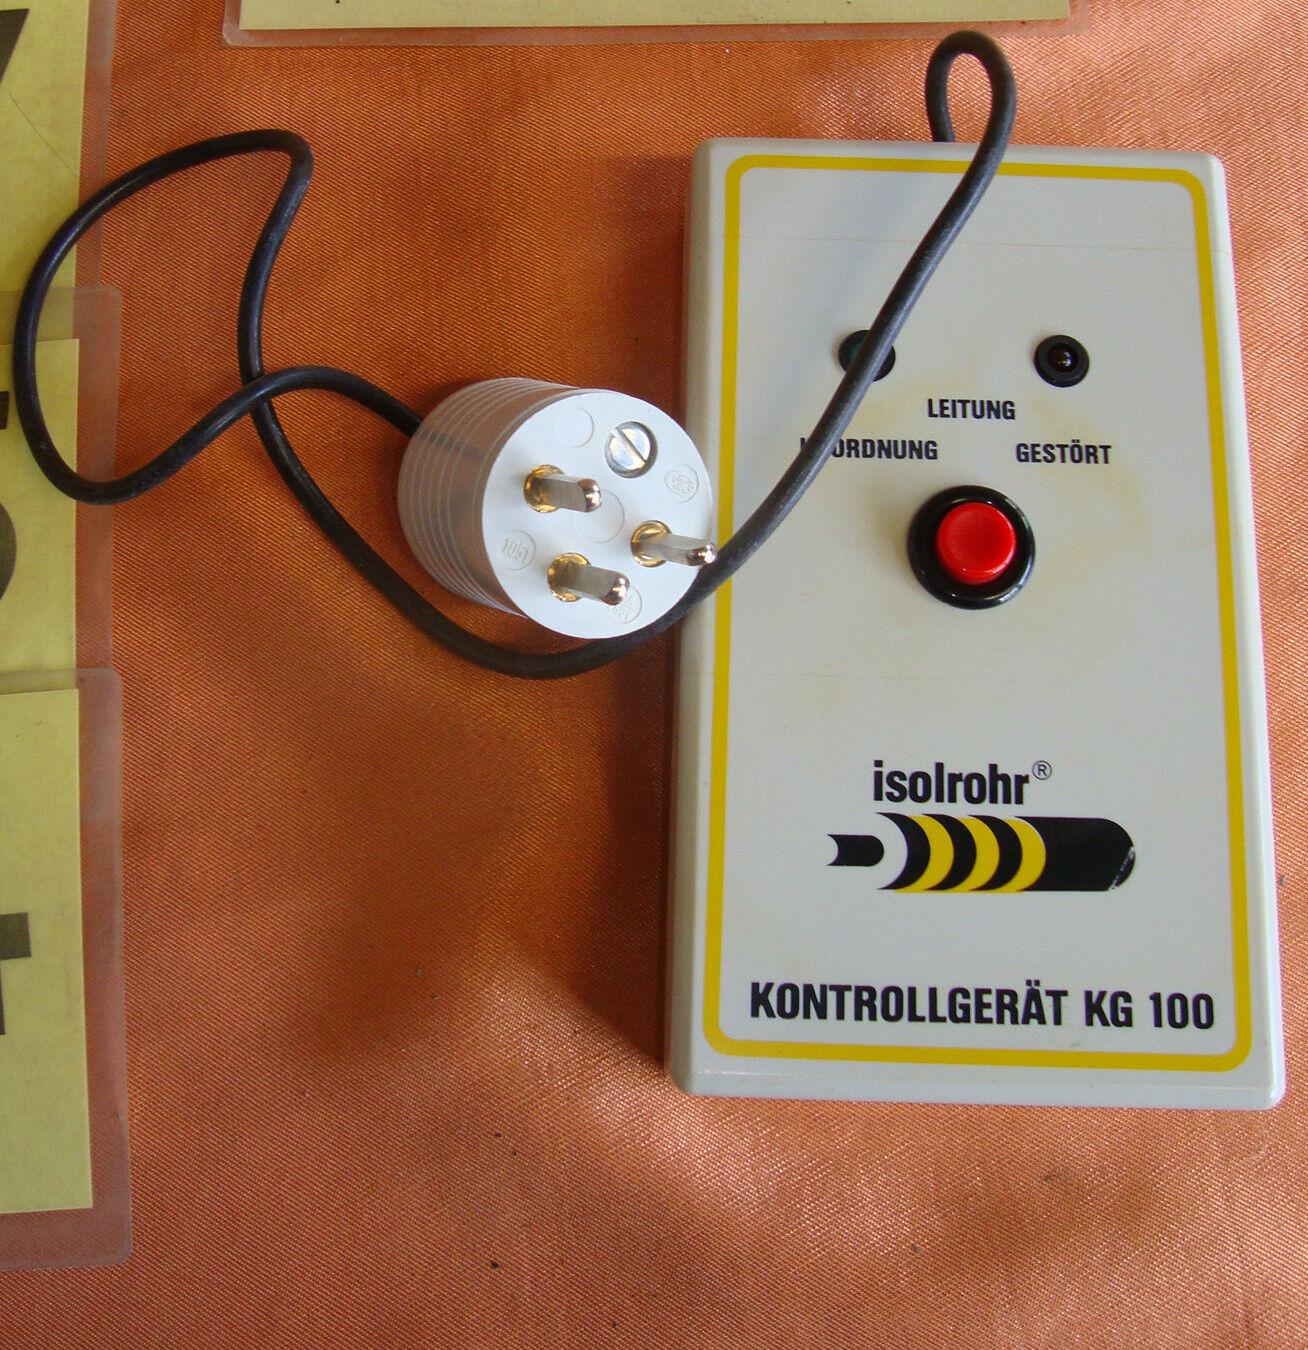 Isolrohr Kontrollgerät KG 100      3754  | Genial  b7f004